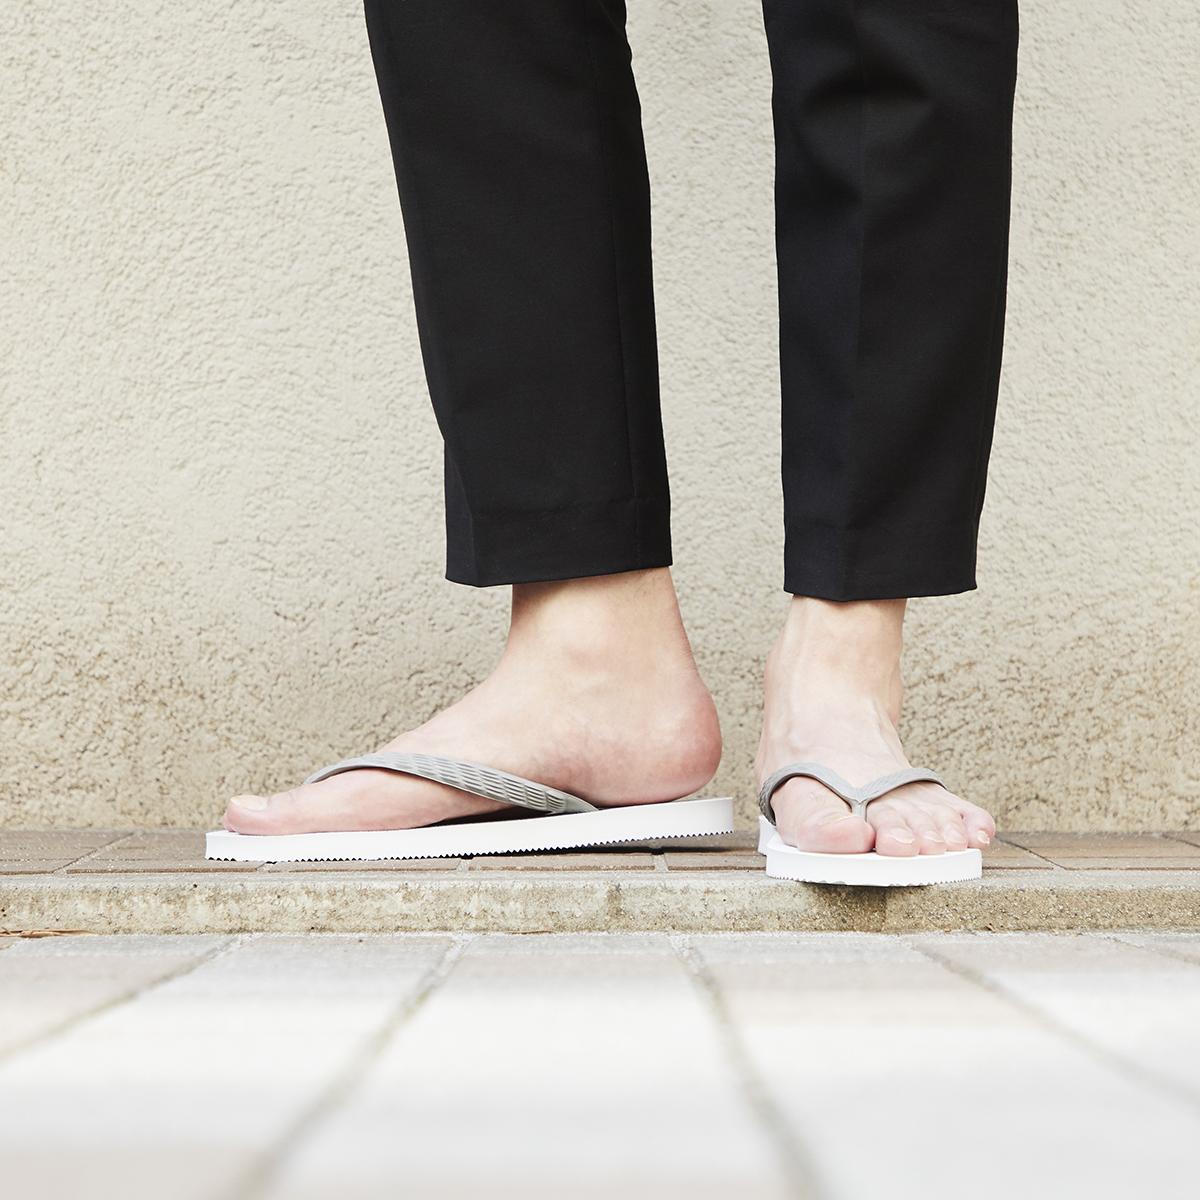 歩きやすい「3つのこだわり設計」のビーチサンダル|九十九(つくも)サンダル